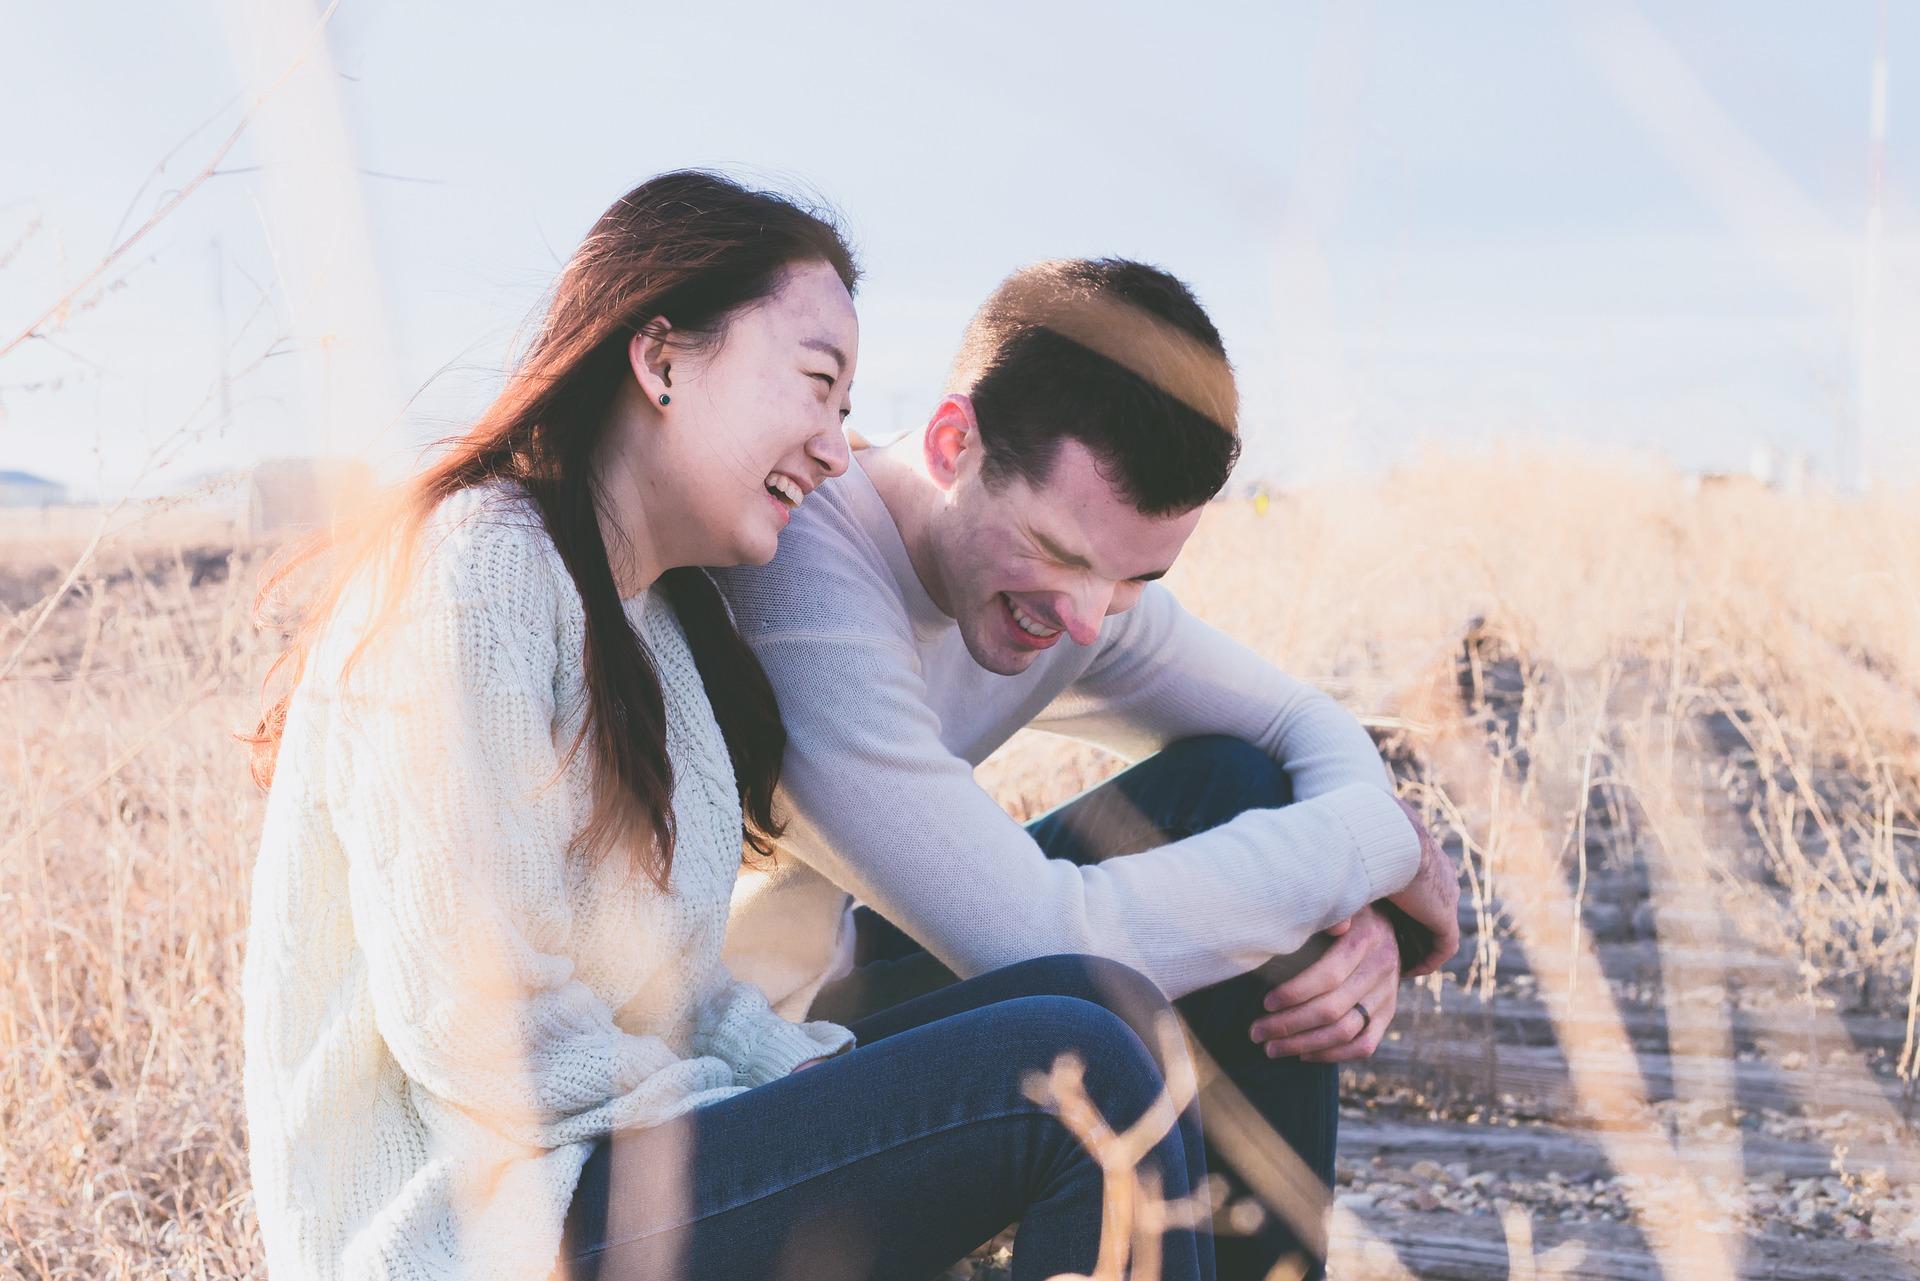 Día de la Sonrisa: los españoles sonríen una media de 23,8 veces al día